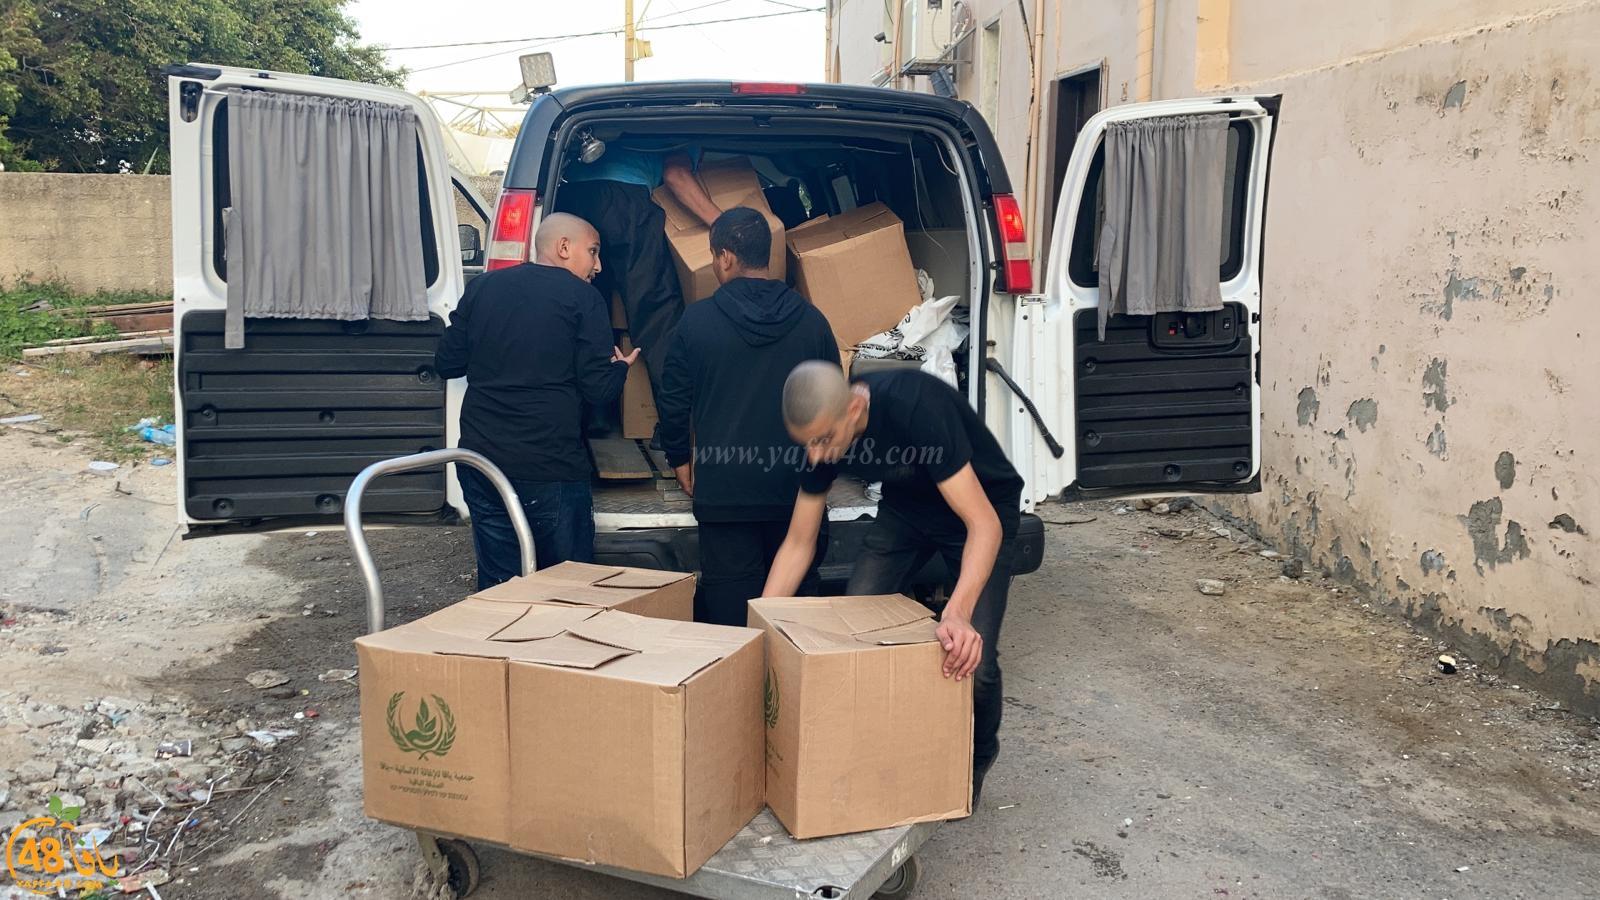 فيديو: جمعية يافا تُباشر بتوزيع الطرود الغذائية على العائلات المتعففة بيافا